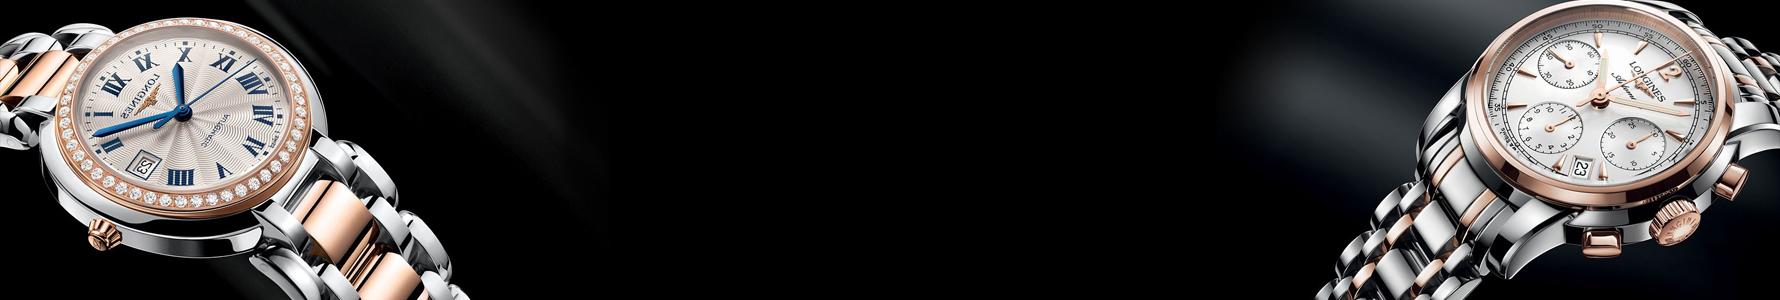 Longines órák széles választékban  7220b221c2